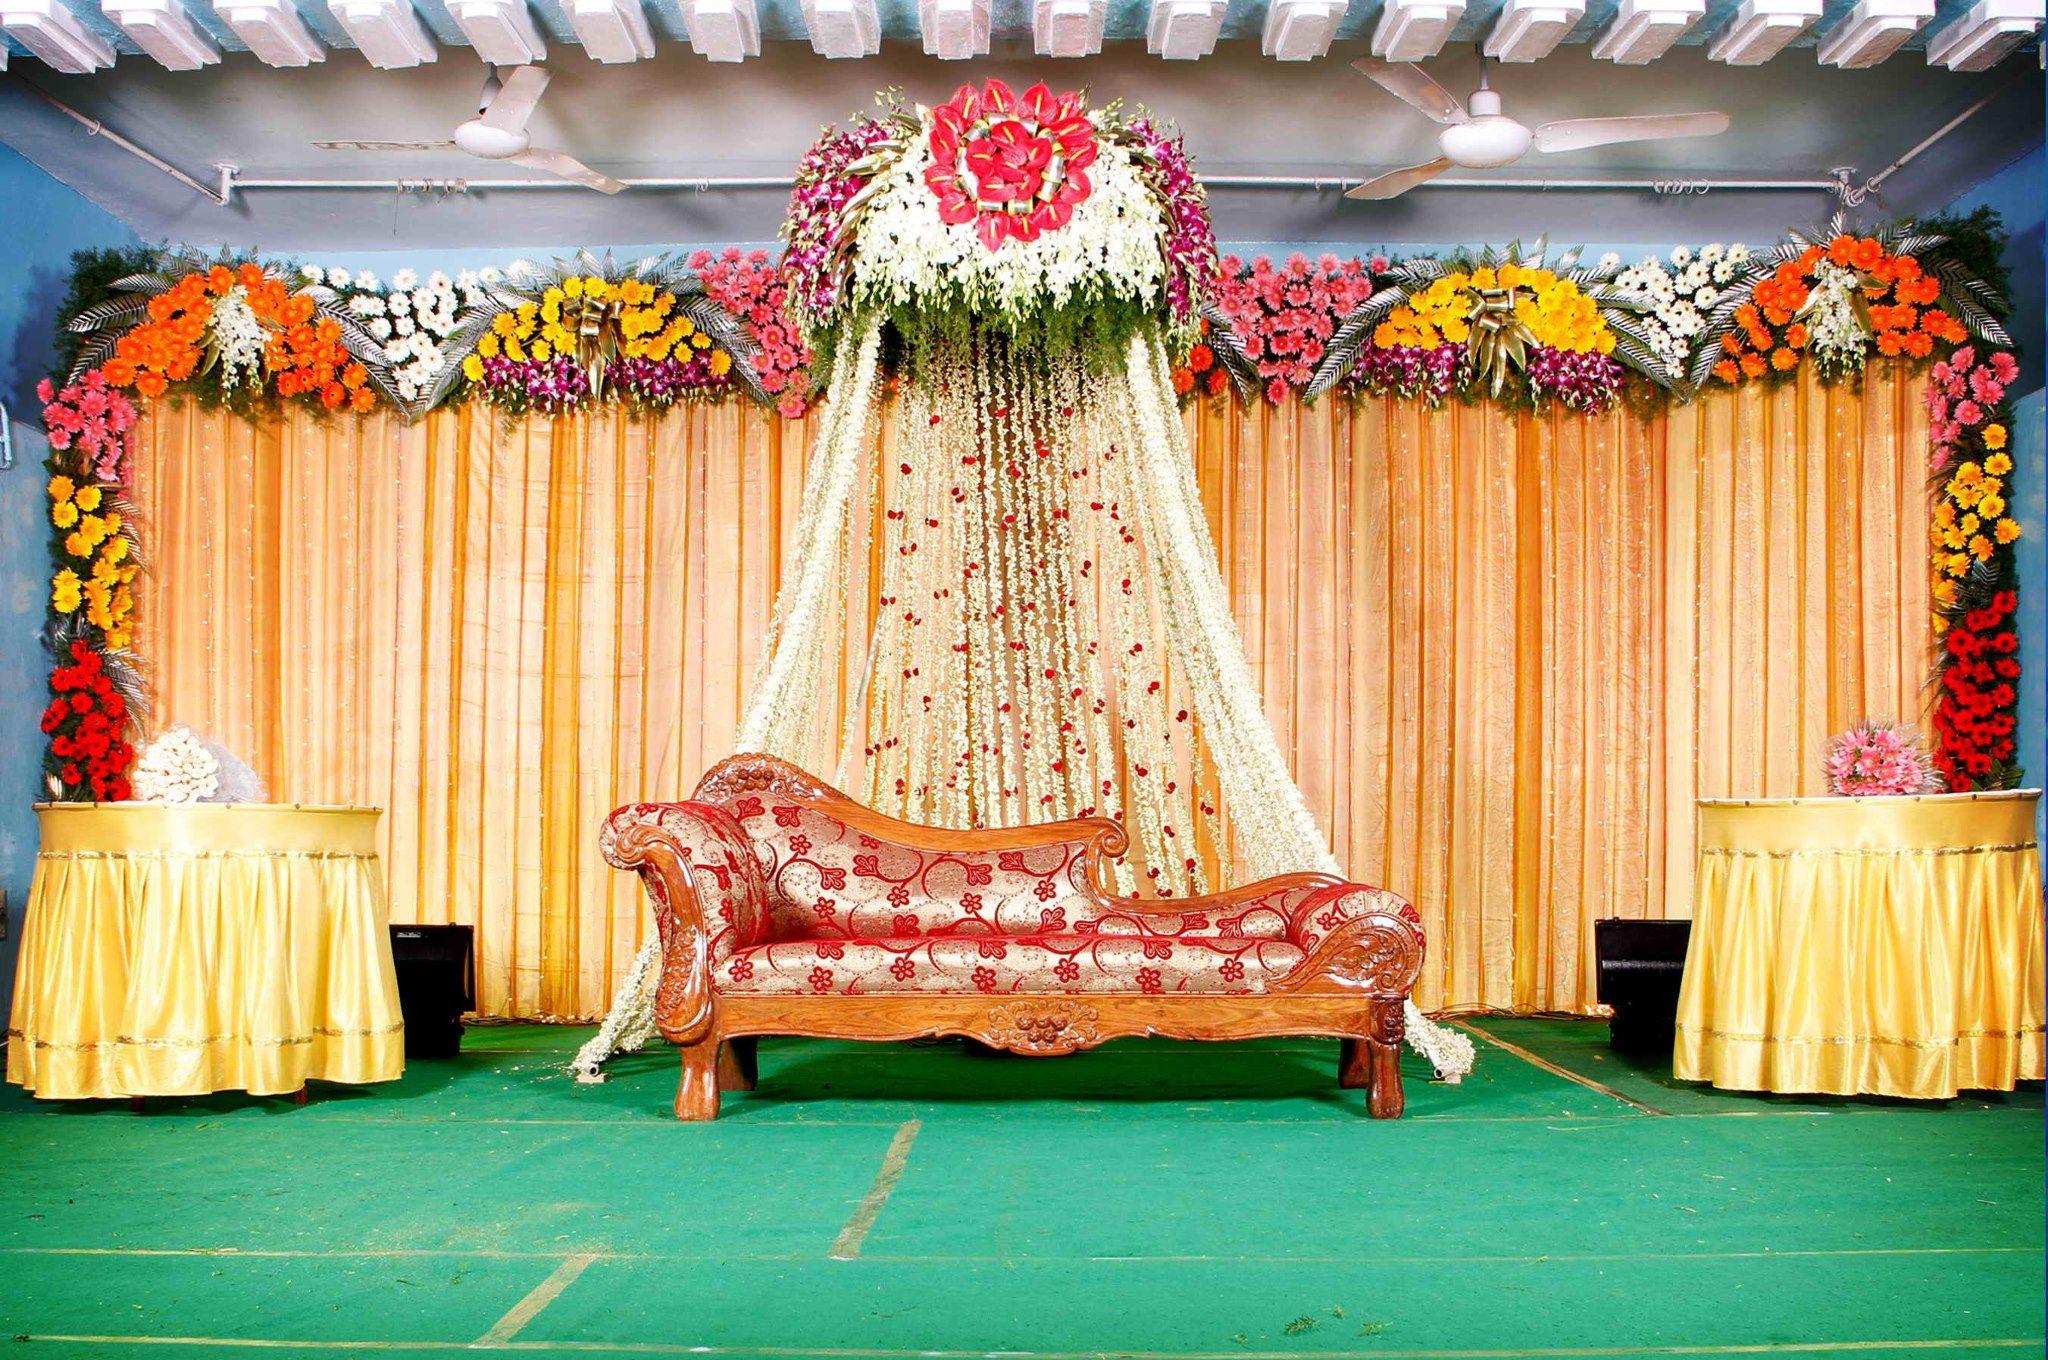 Pin By Arub Erum On Fancy Party Decor Pinterest Wedding Wedding